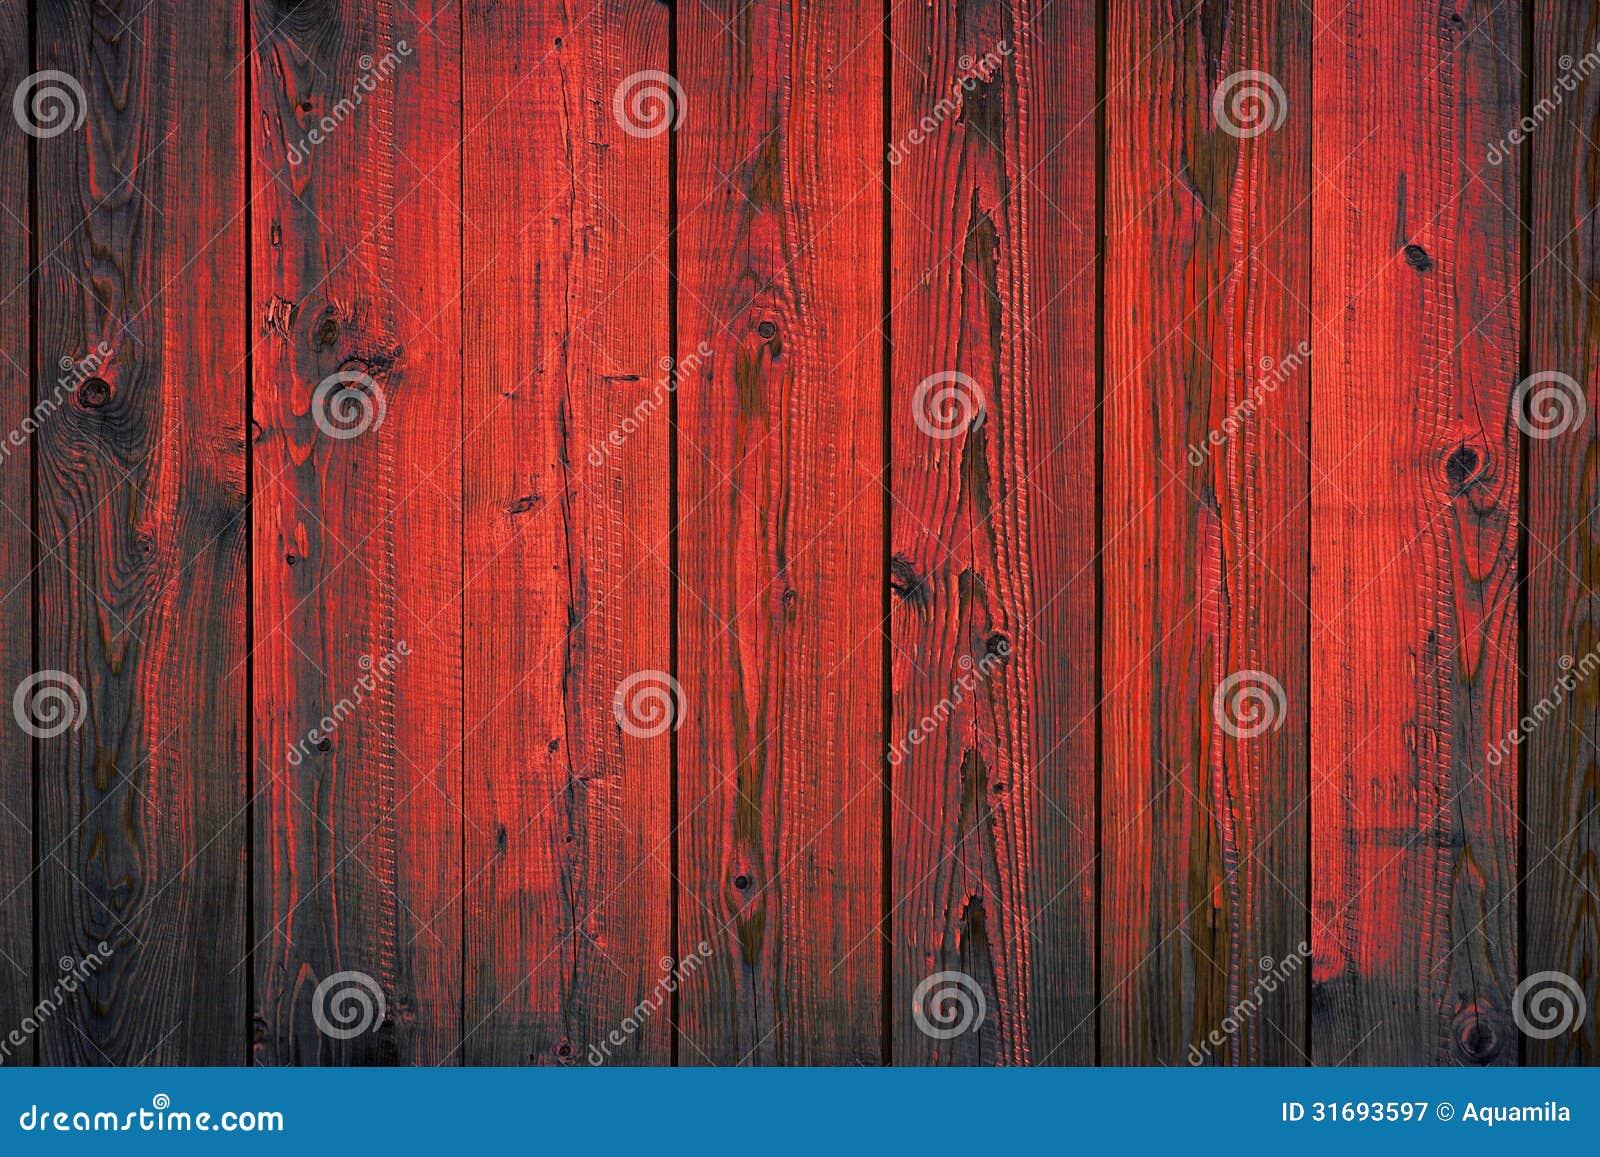 Rot malte hölzern, Planken, Beschaffenheitshintergrund weg abziehend